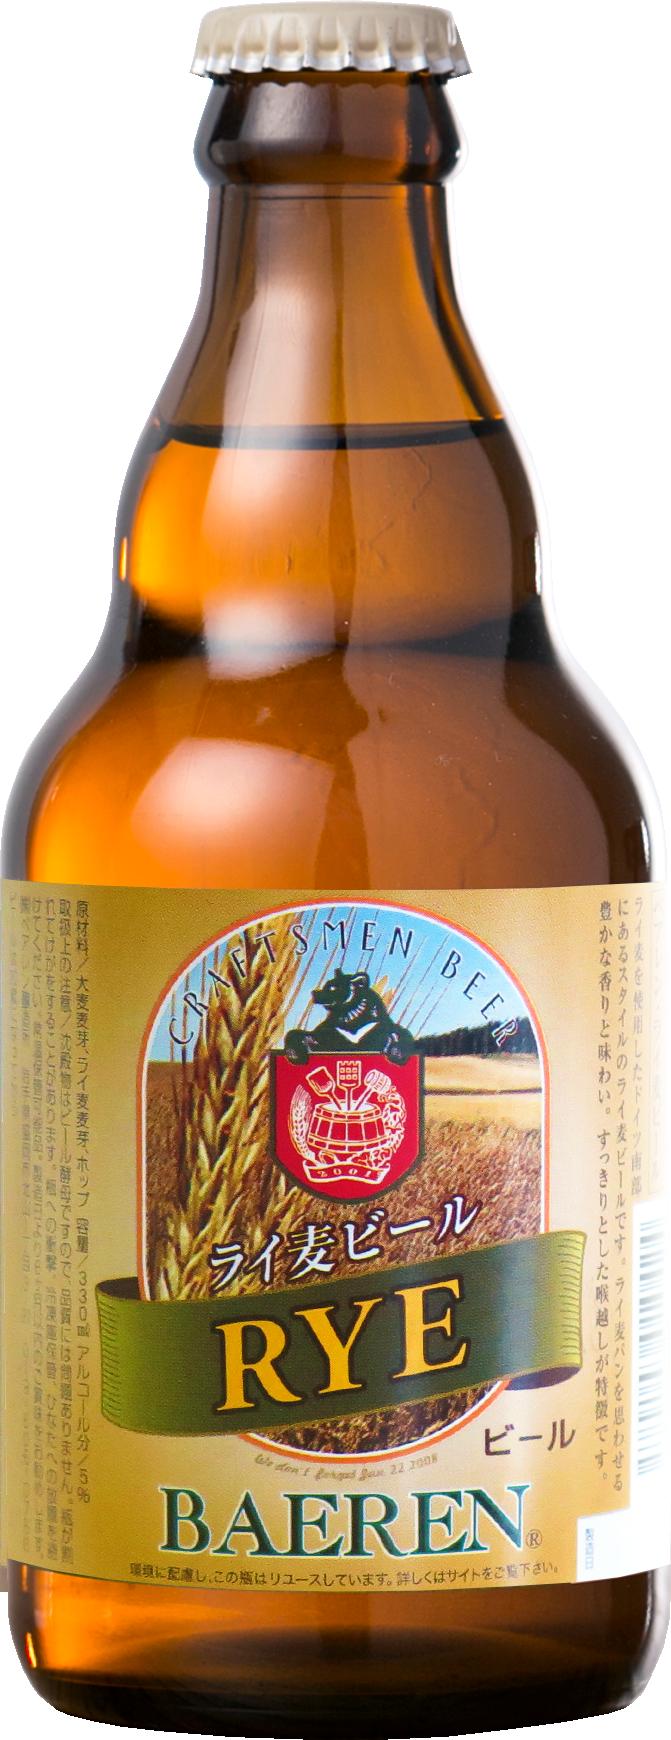 Baeren Rye beer ボトル-ライ麦.png